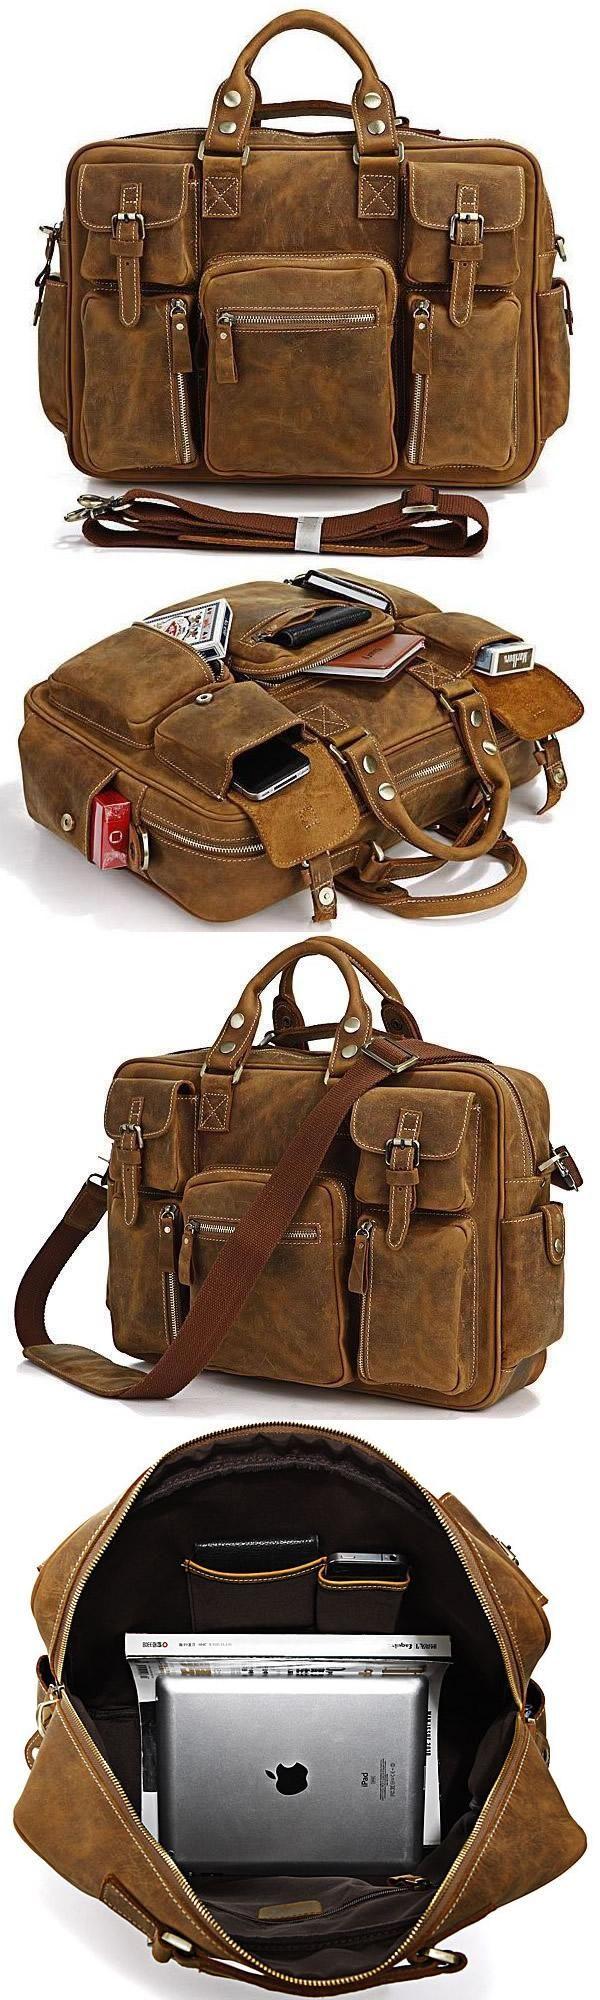 Large Handmade Vintage Leather Travel Bag / Leather Messenger Bag/Overnight Bag/Duffle Bag/Weekend Bag, Neo Vintage Leather, neoleather.storenvy.com